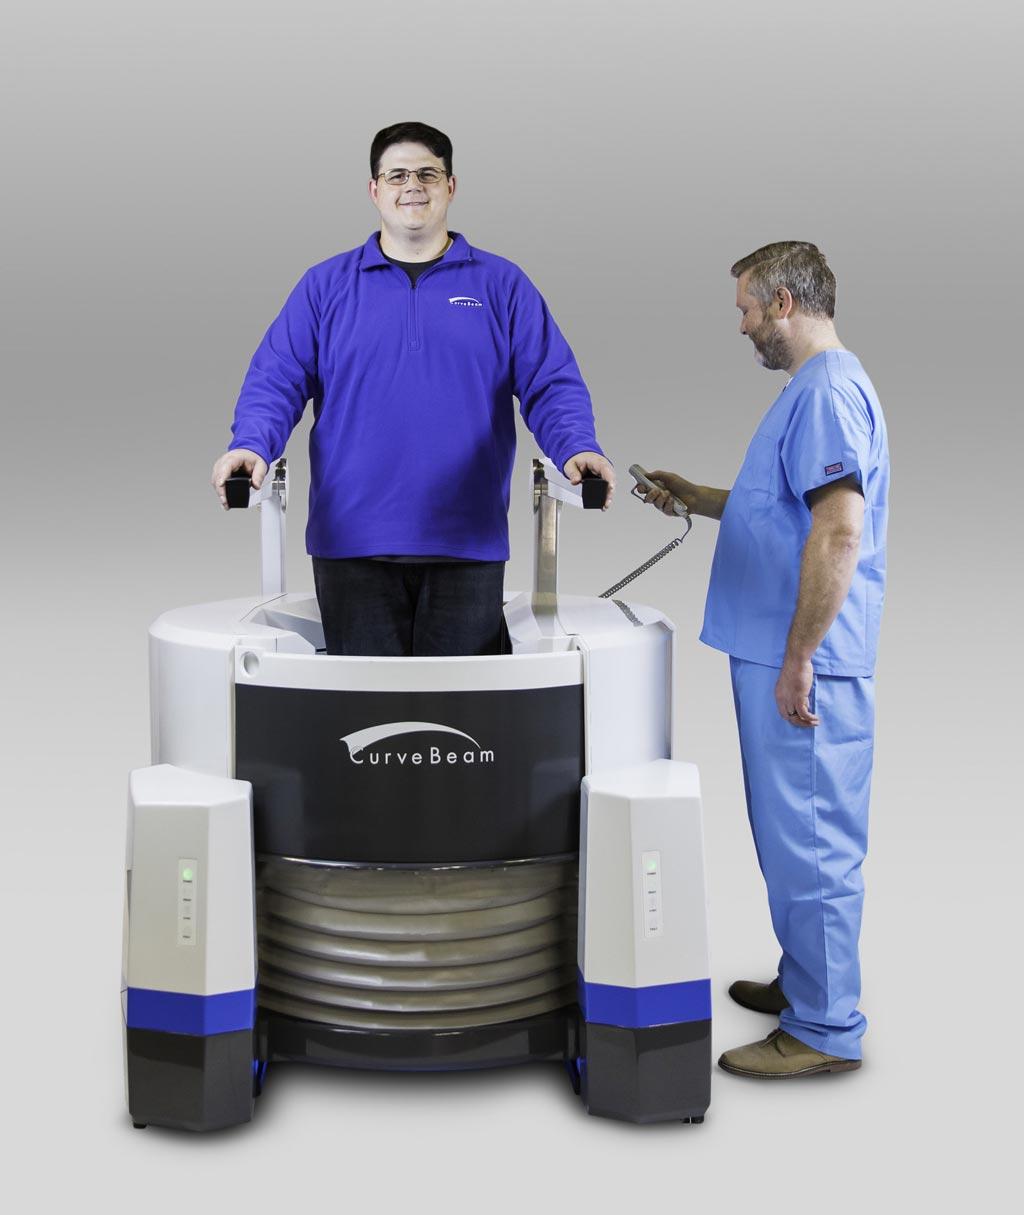 Imagen: El sistema de TC ortopédico para las extremidades LineUP (Fotografía cortesía de CurveBeam).